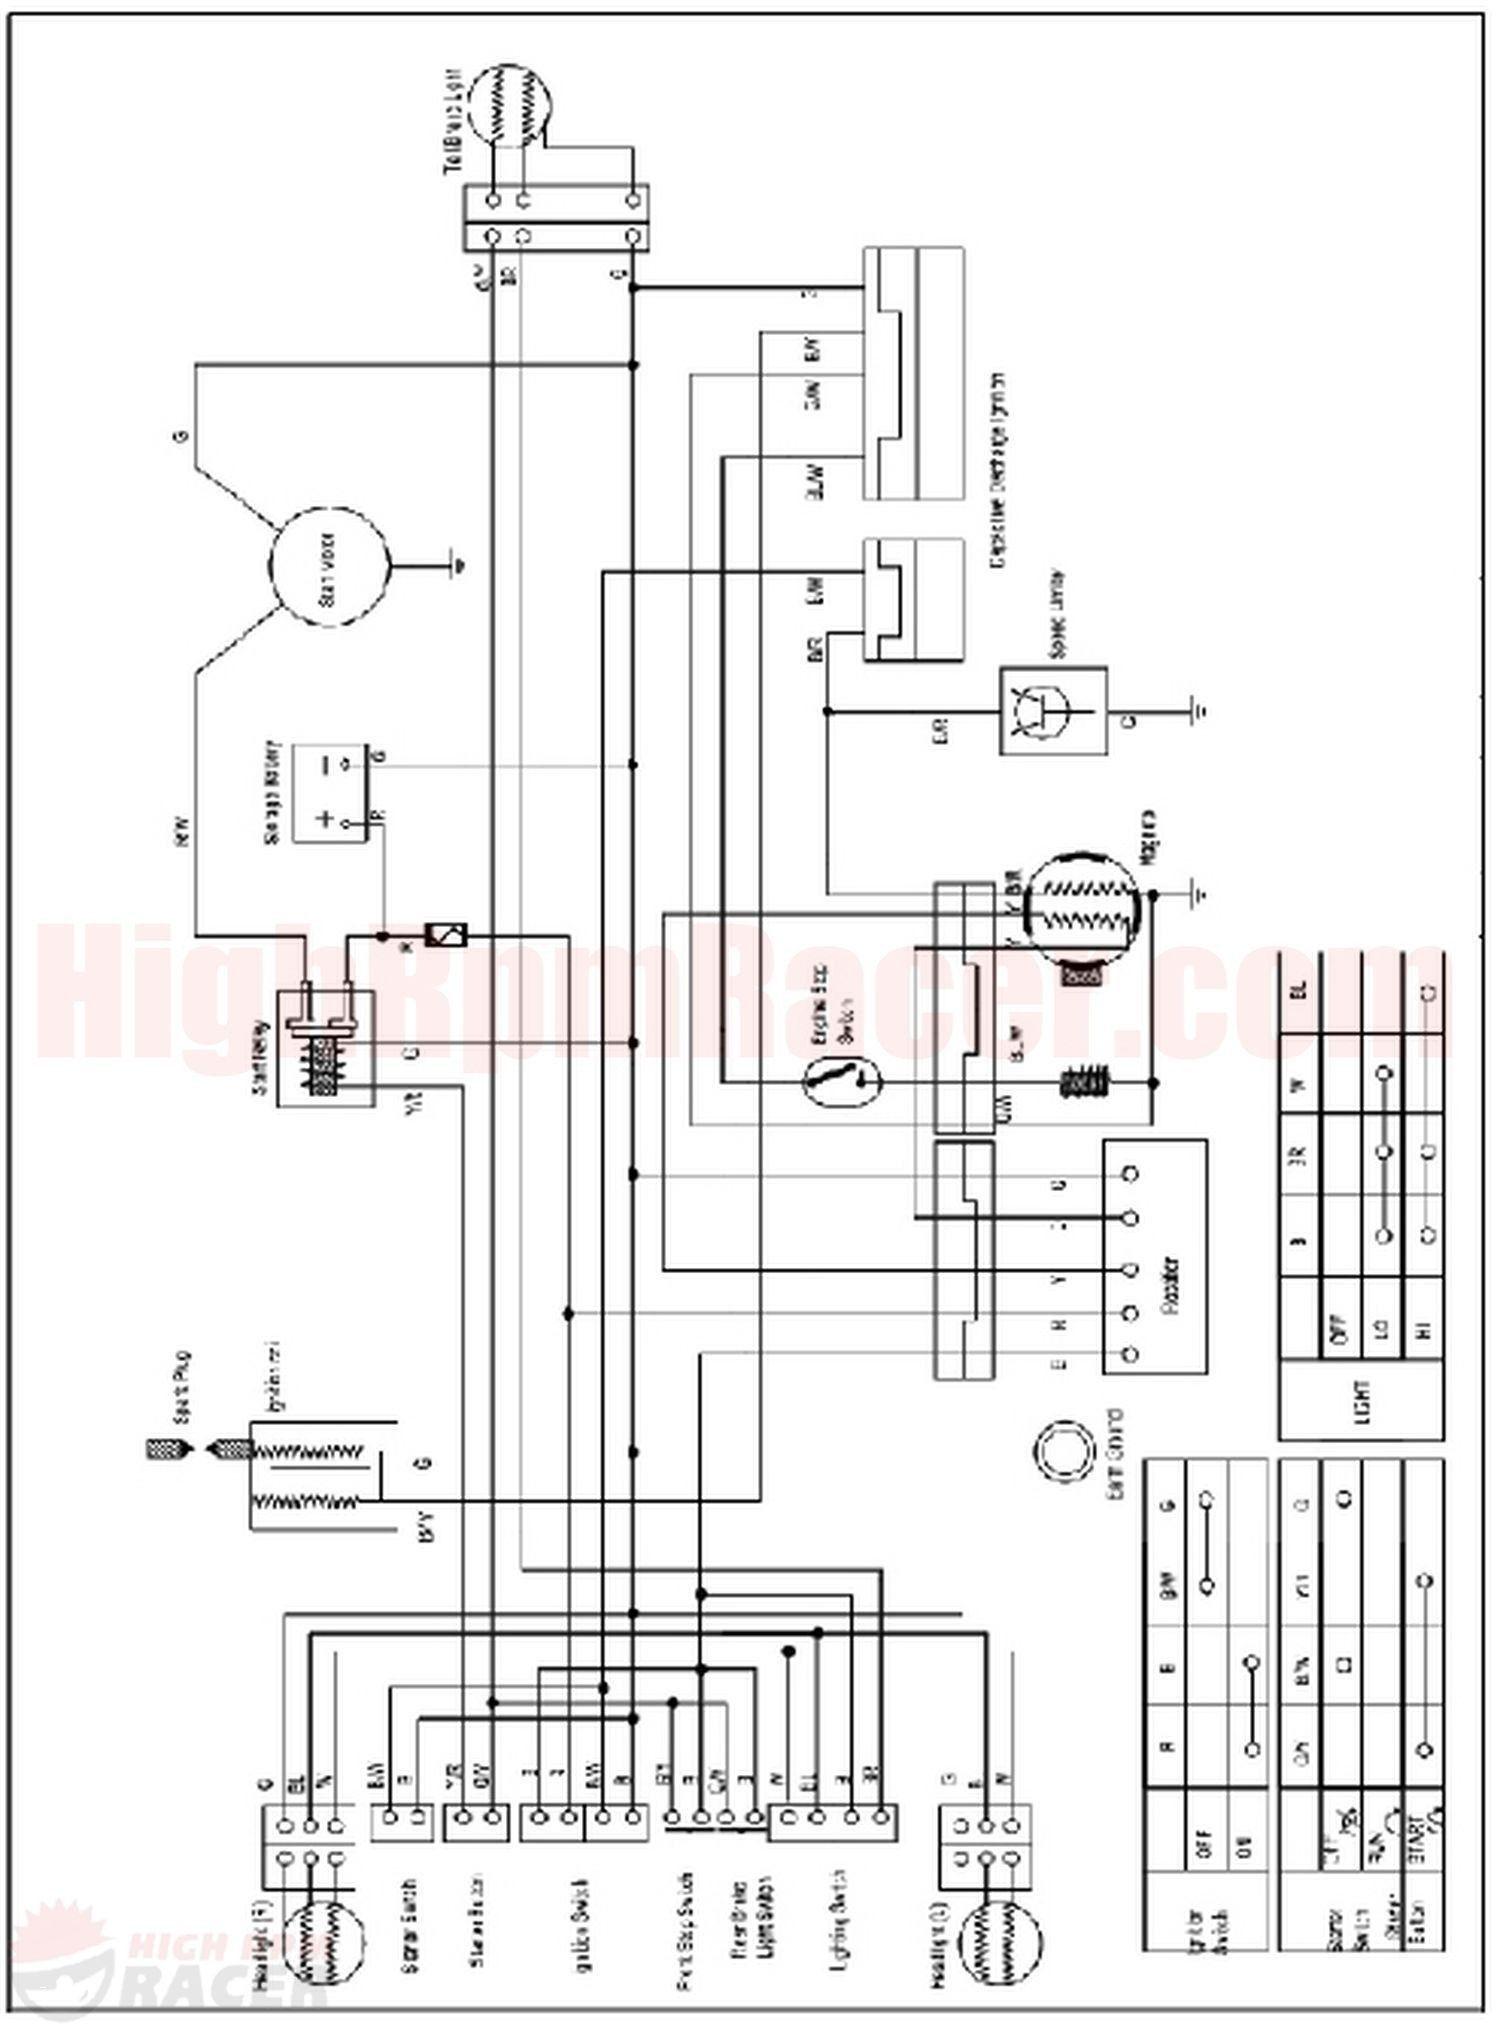 Wiring Diagram For 110cc 4 Wheeler Inspirational 110cc Chinese Atv Electrical Wiring Diagram Electrical Diagram Diagram